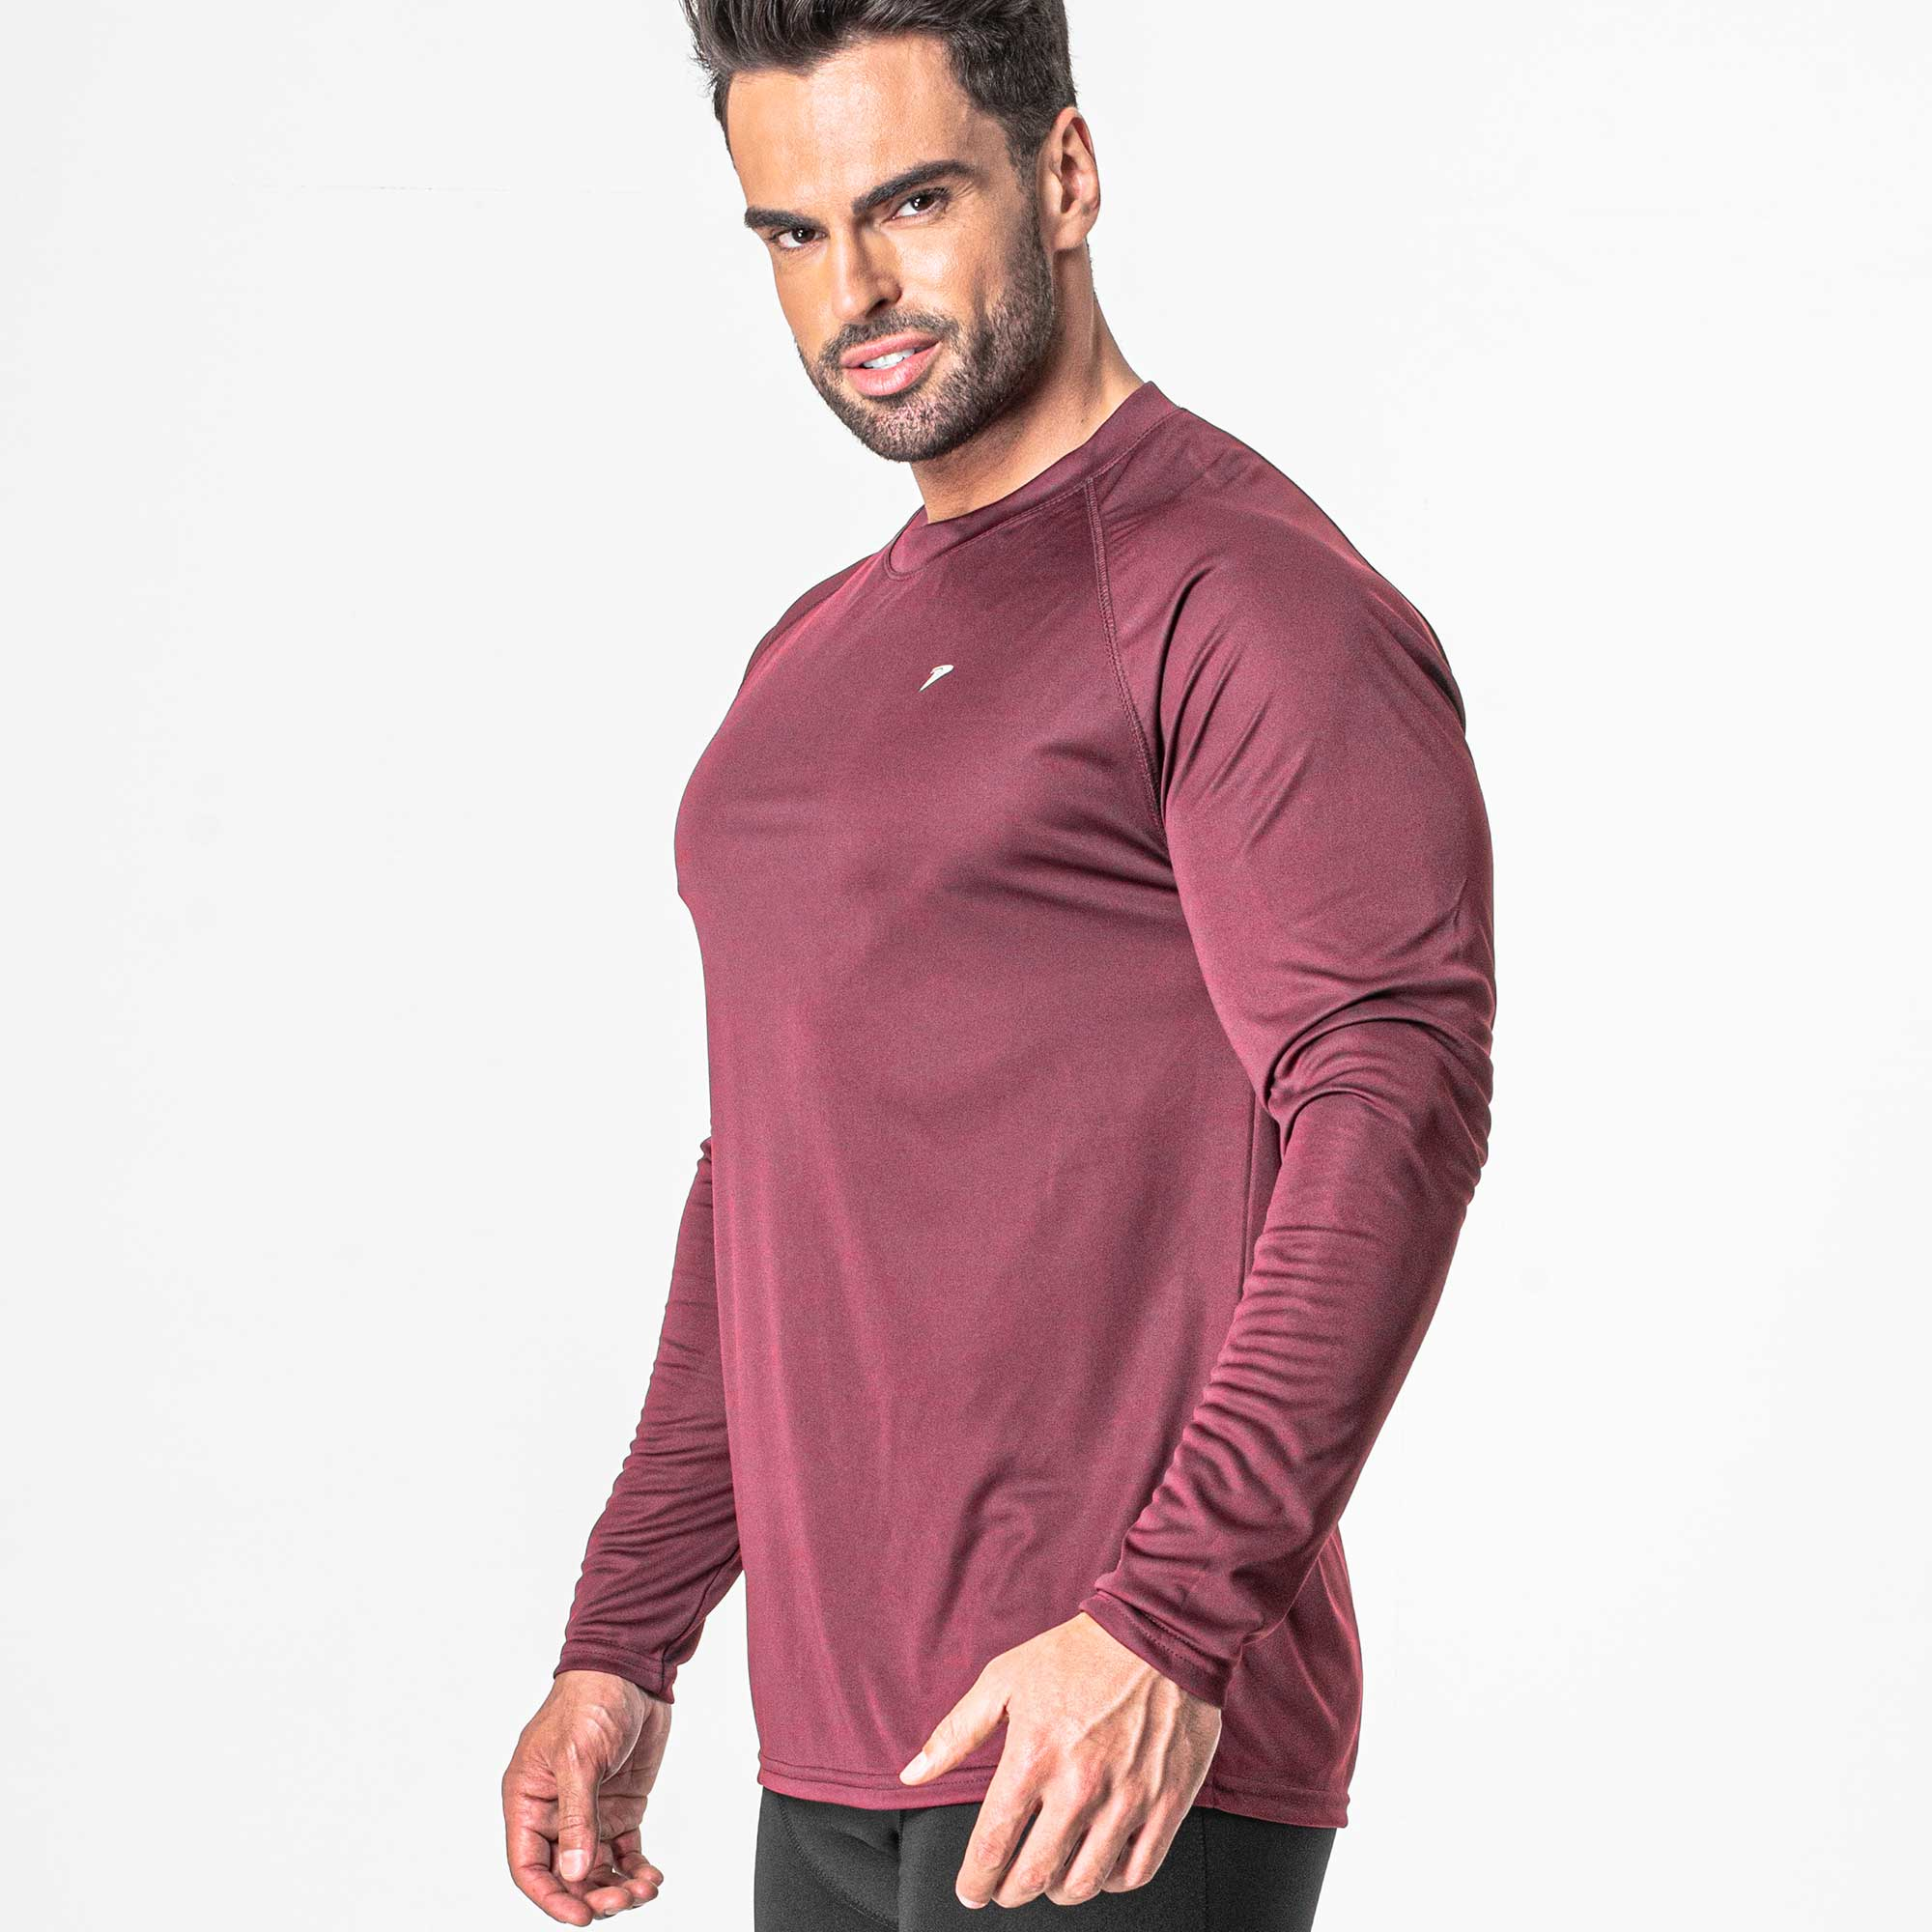 Camiseta Fator de Proteção UV50+ Masculina II M/L 04054